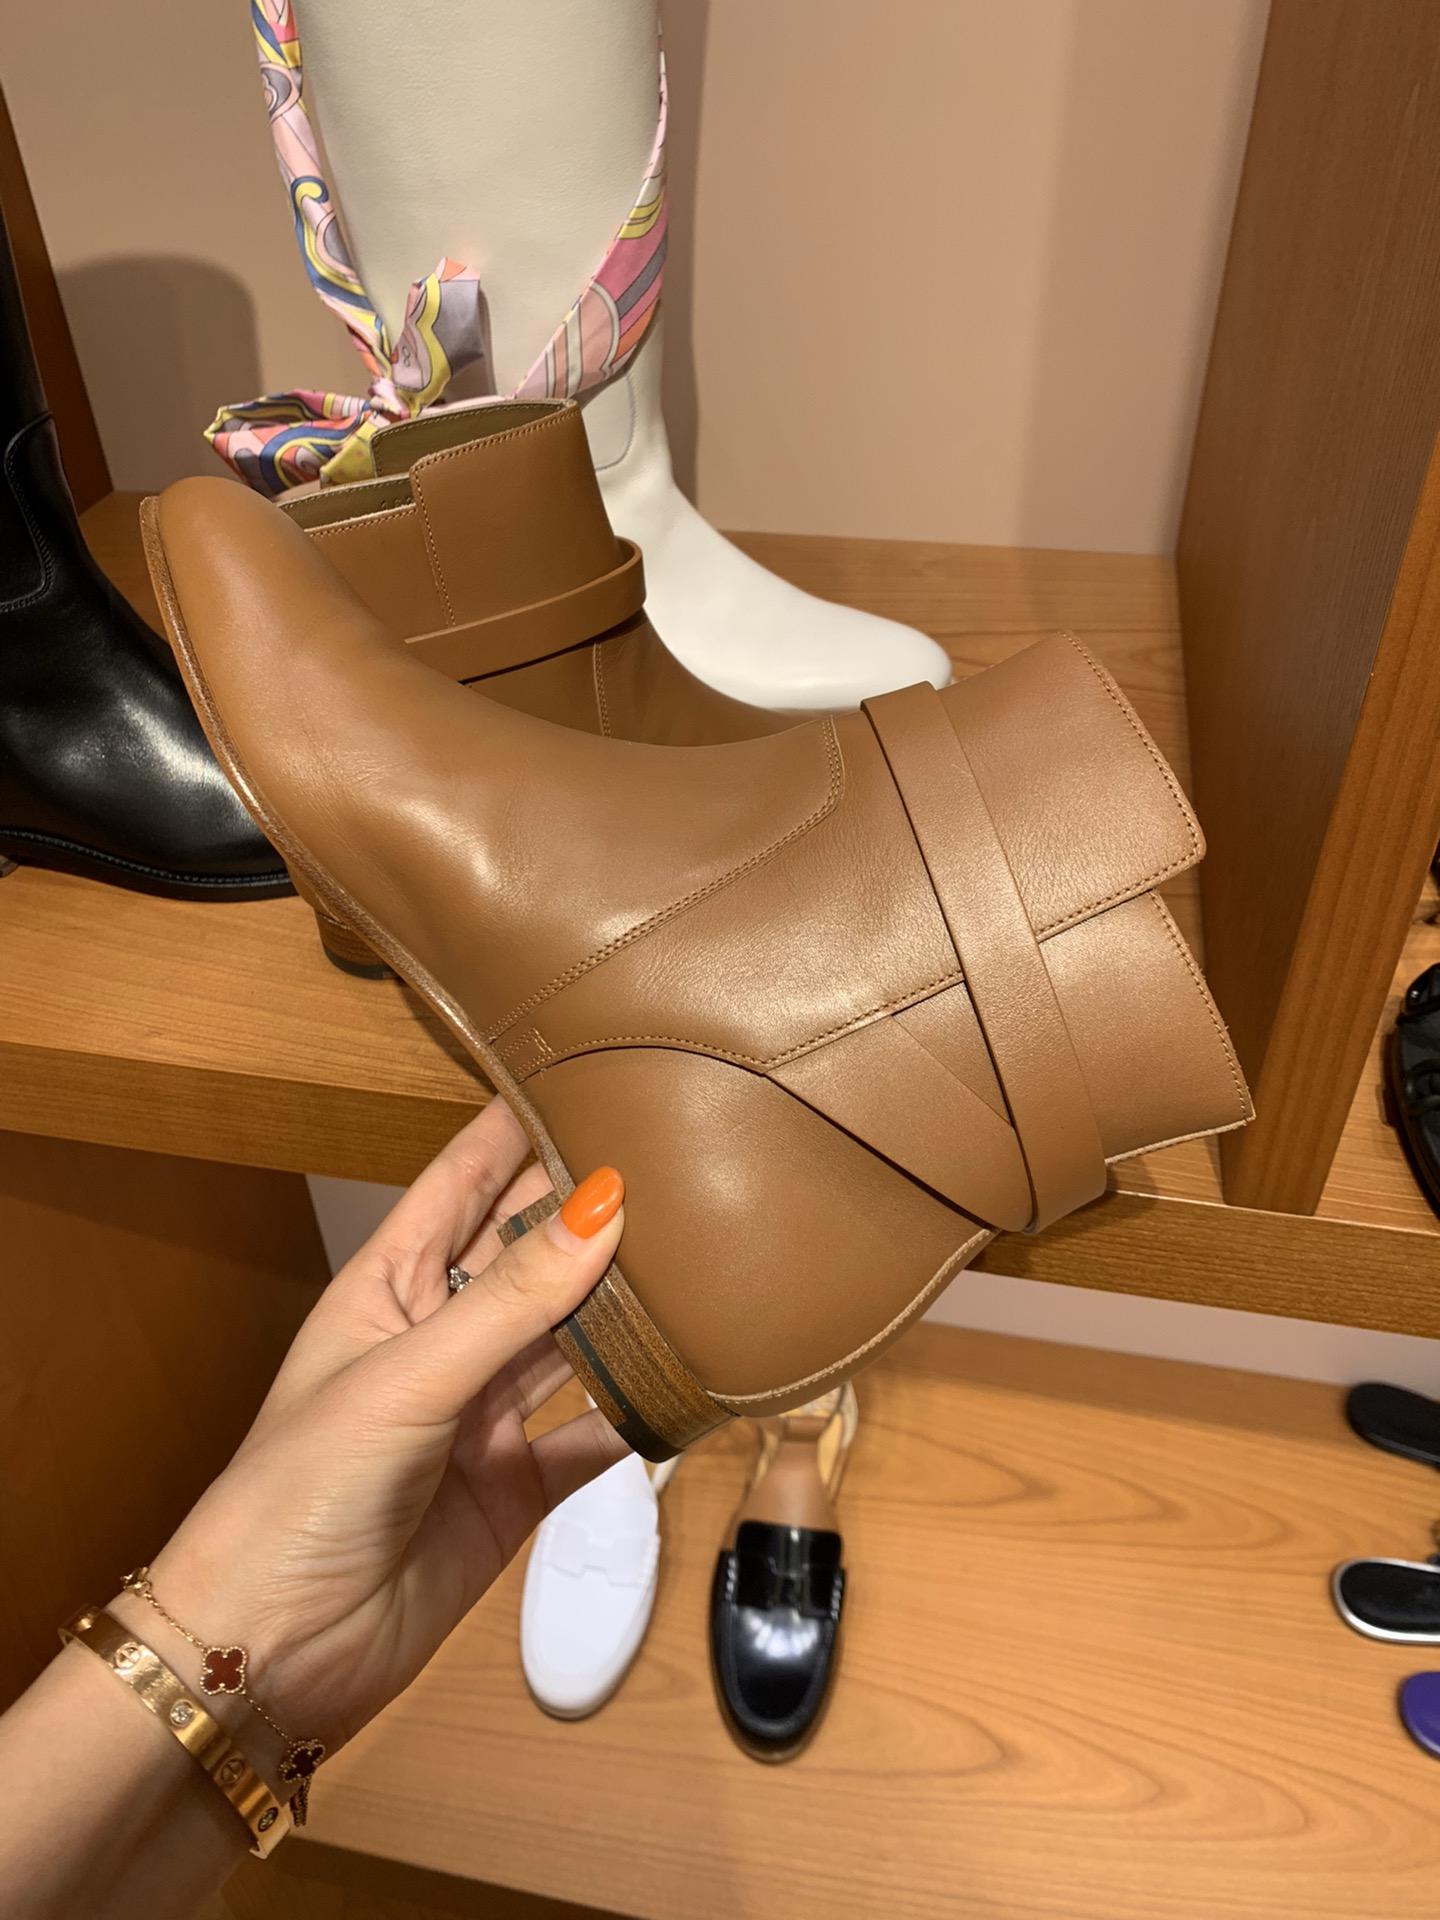 重磅推荐新品 爱马仕neo靴kelly短靴 意大利树羔皮底纯手工缝制工艺 高端订制独家顶级品质 材质:羊皮